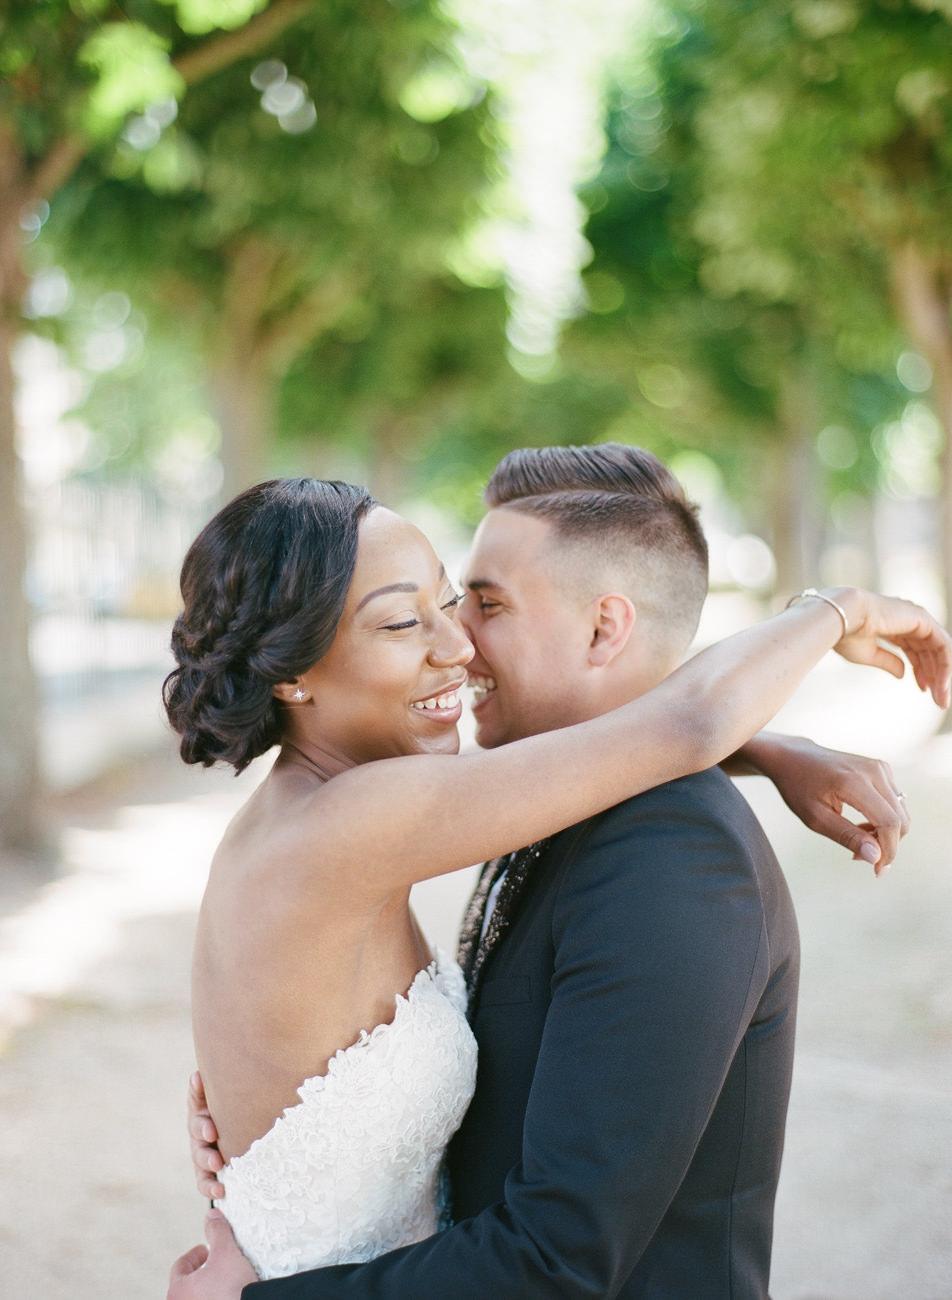 chateau-enonville-mariage-photographe-2.jpg